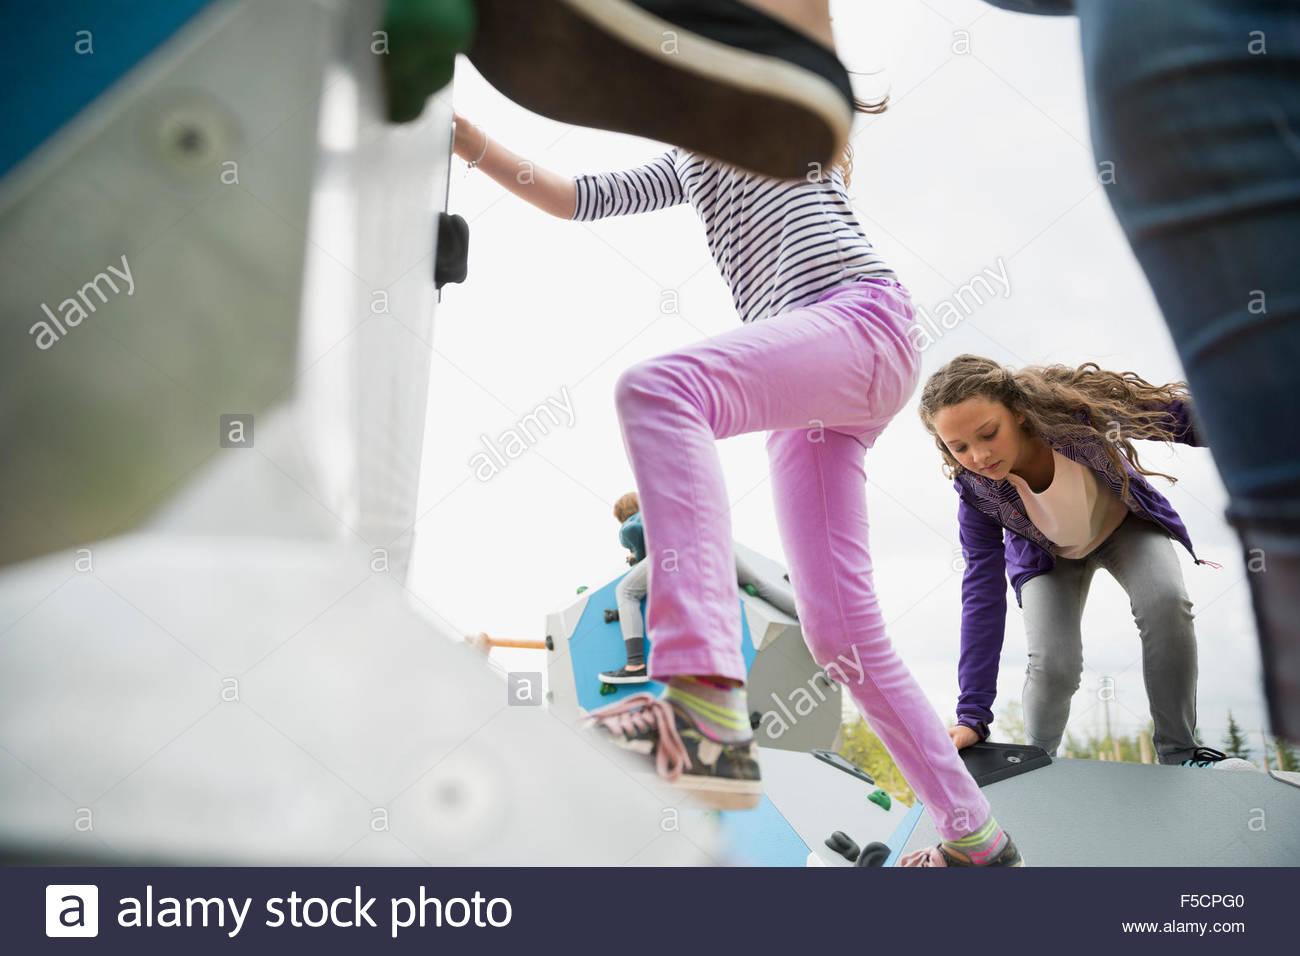 Kinder klettern geometrische Formen auf Spielplatz Stockfoto